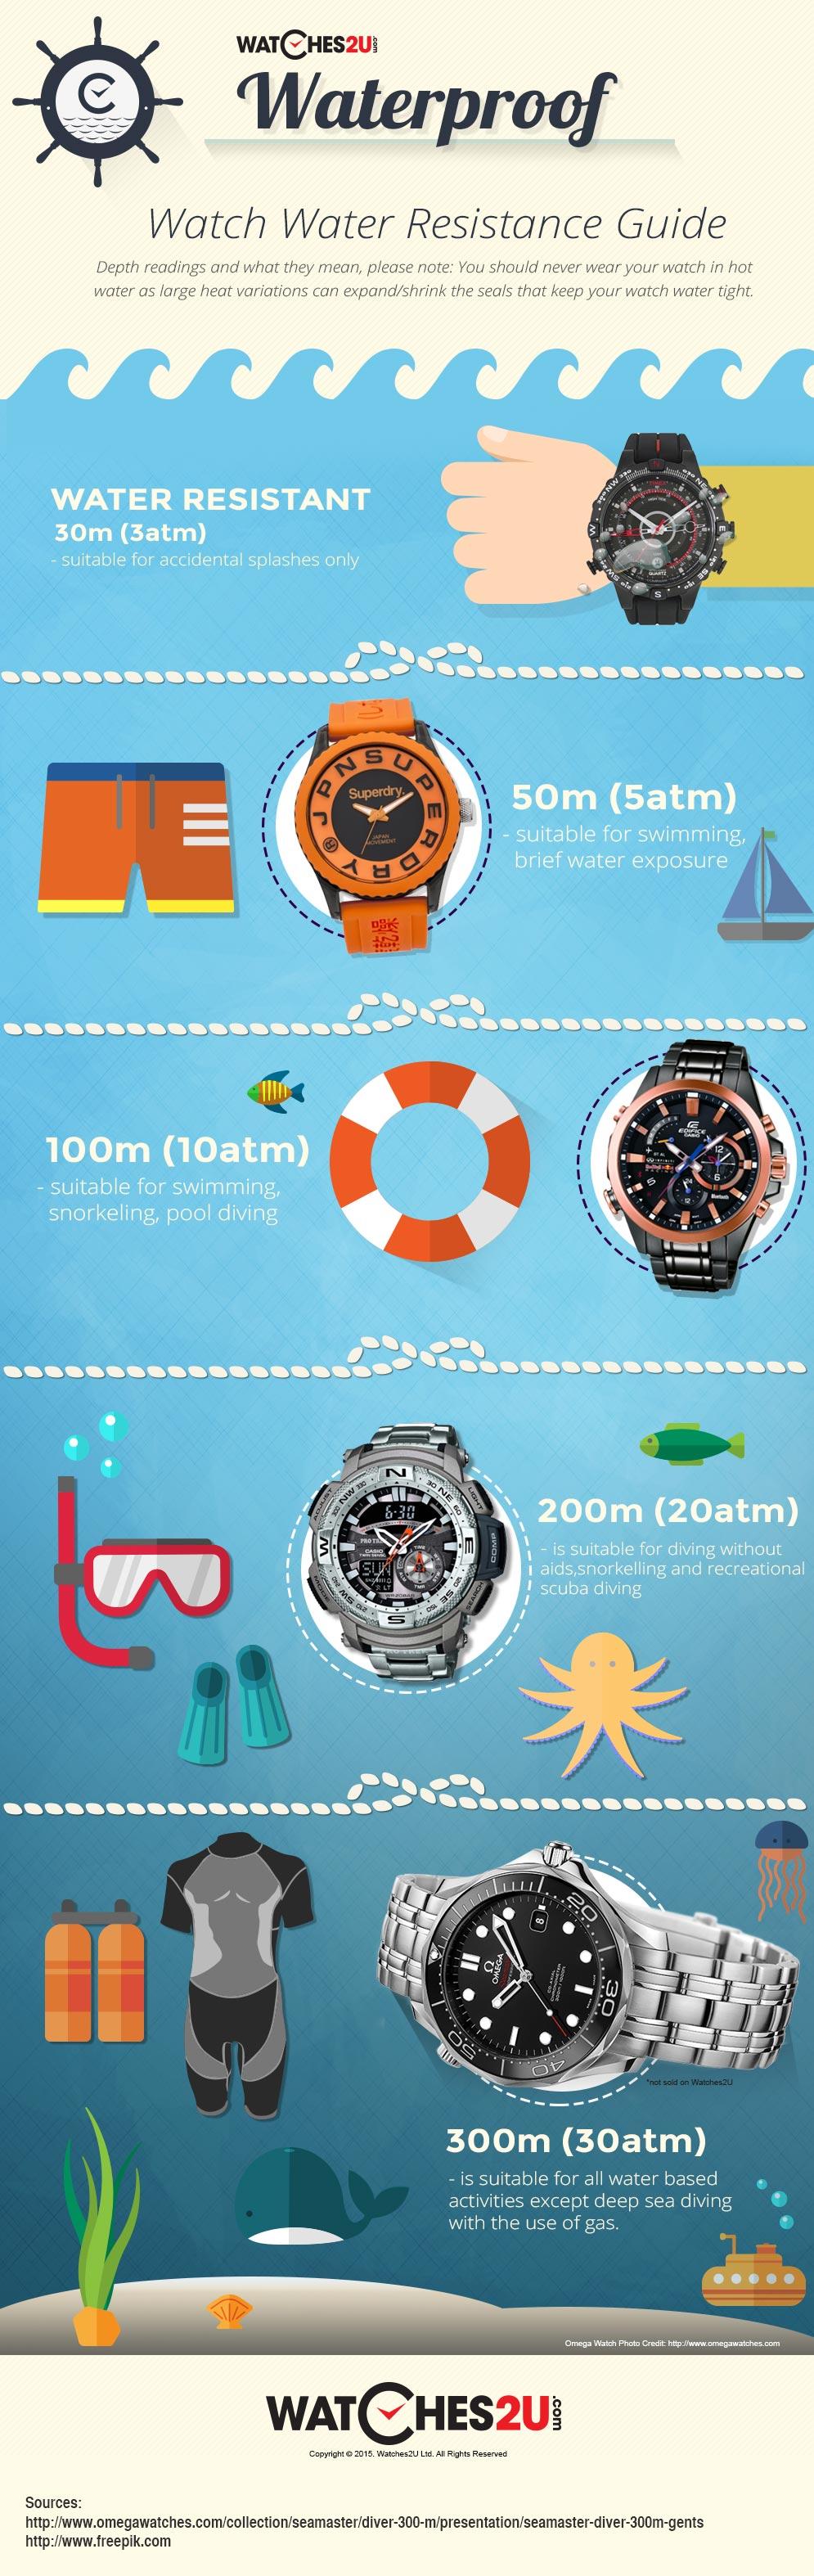 Waterproof Guide